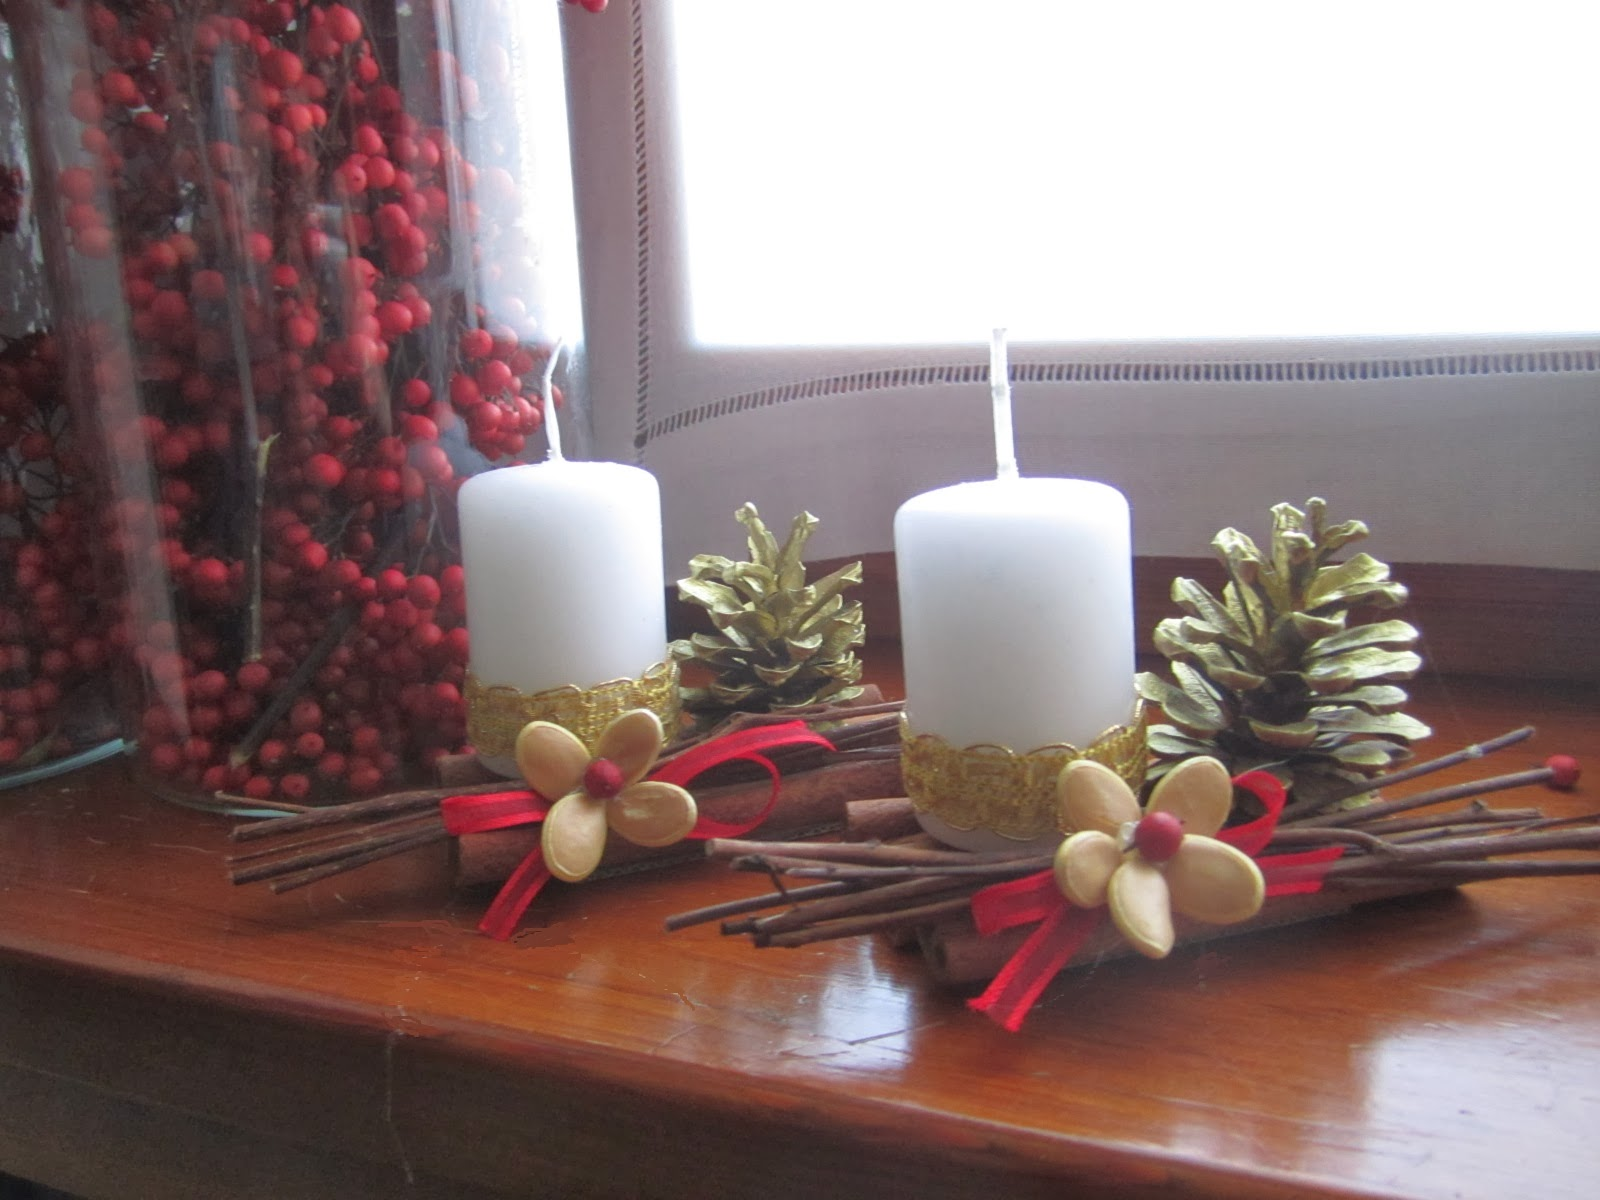 Stelledilatta candele di natale i for Decorare candele